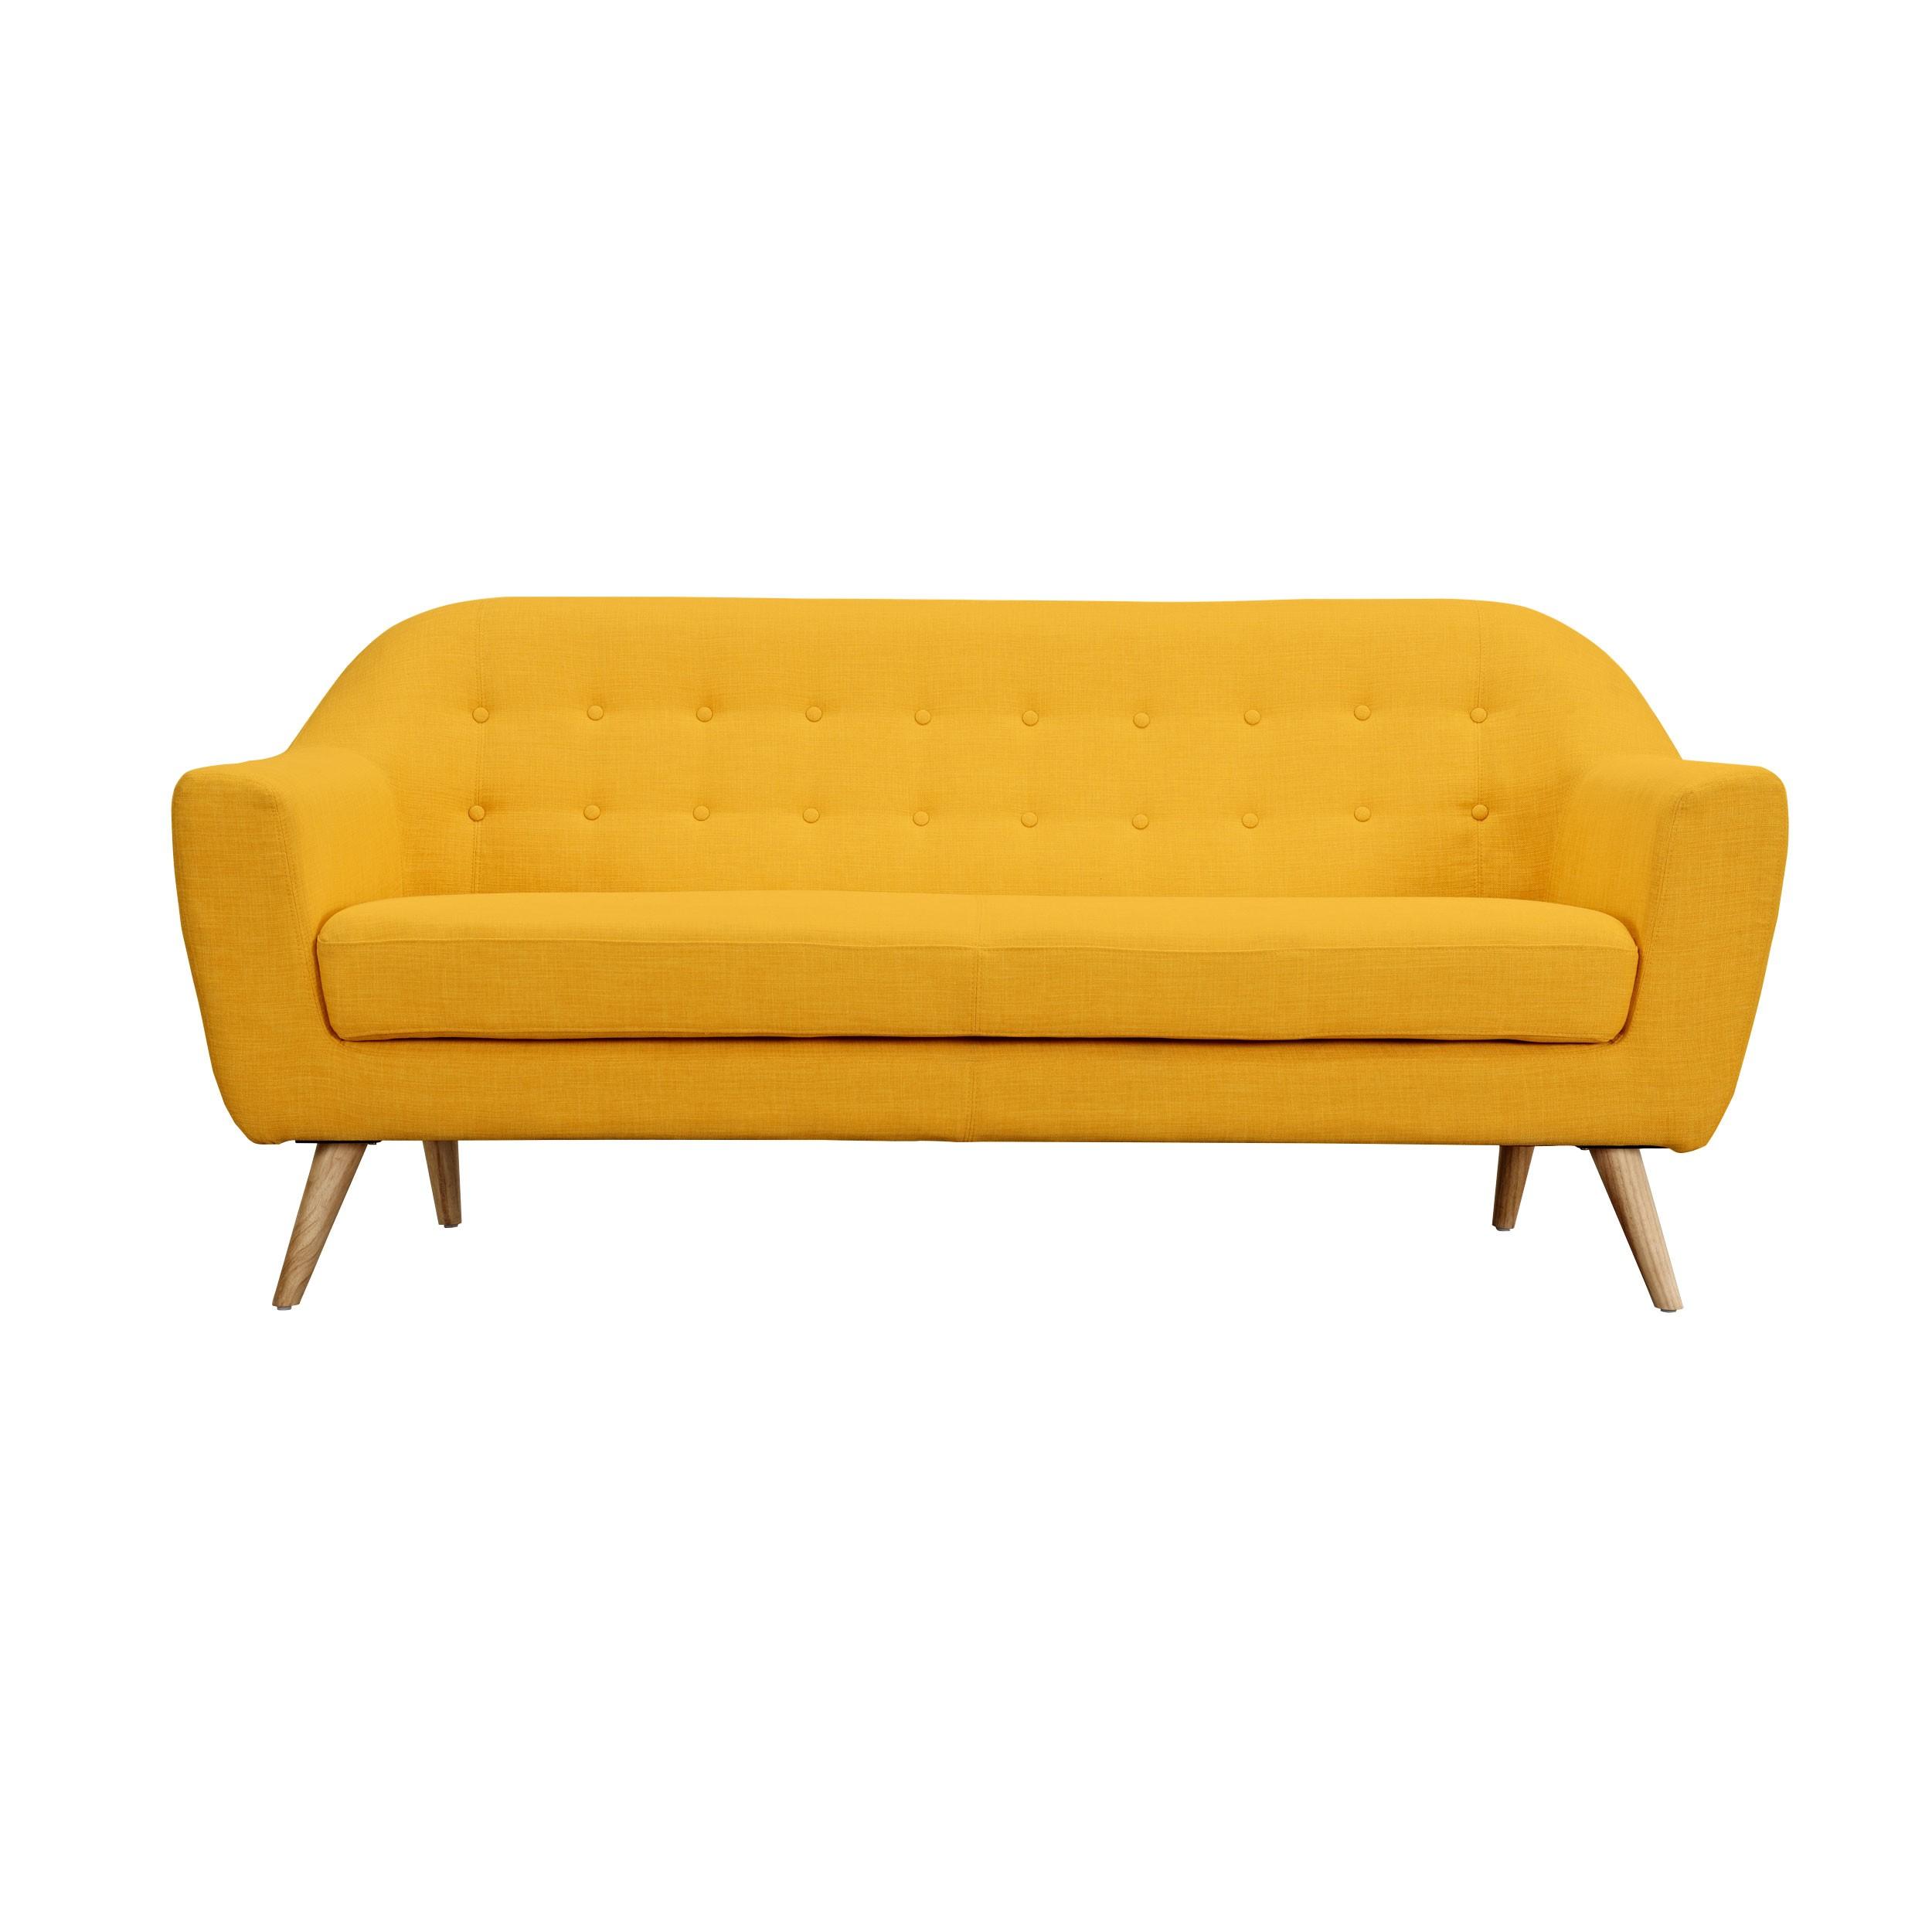 acheter canap canap canap rouge nouveau canap canap lit belle ou acheter canap cuir superbe. Black Bedroom Furniture Sets. Home Design Ideas